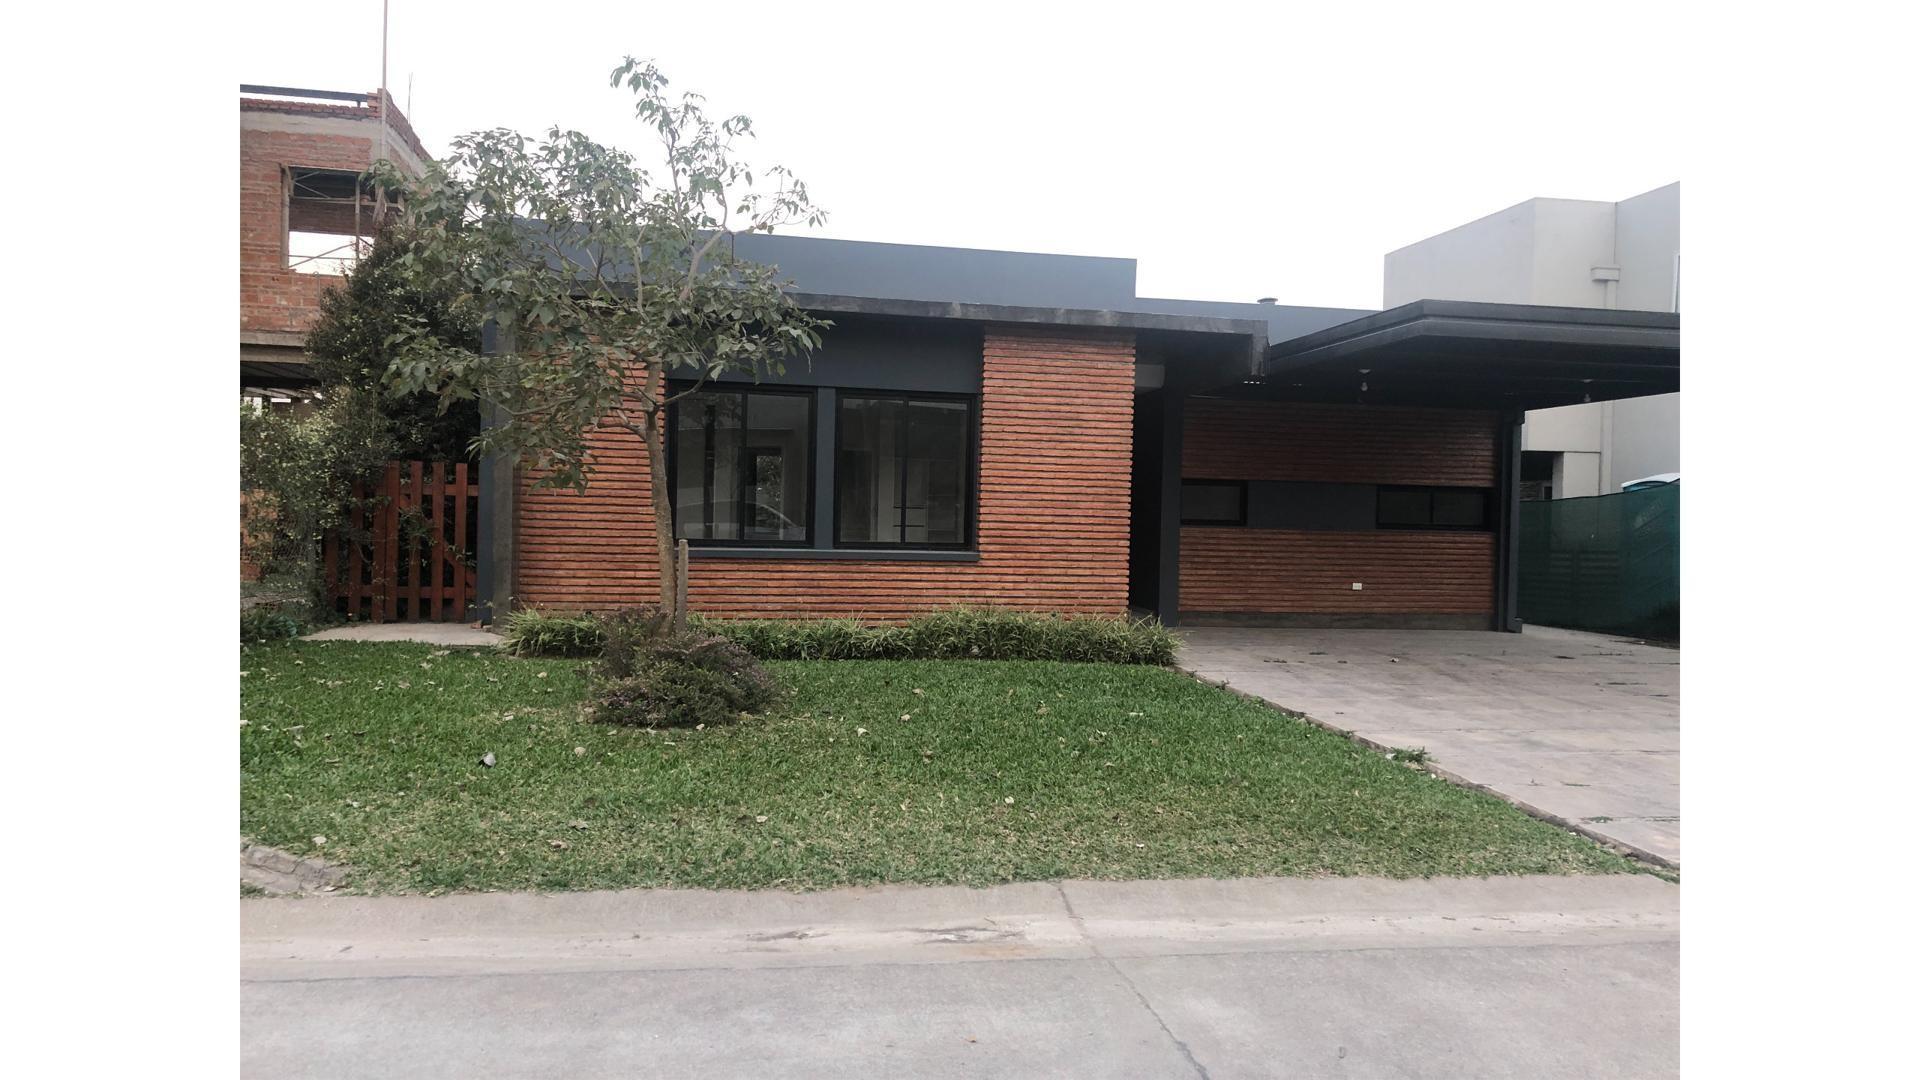 Casa en Venta en Cevil Redondo - 4 ambientes